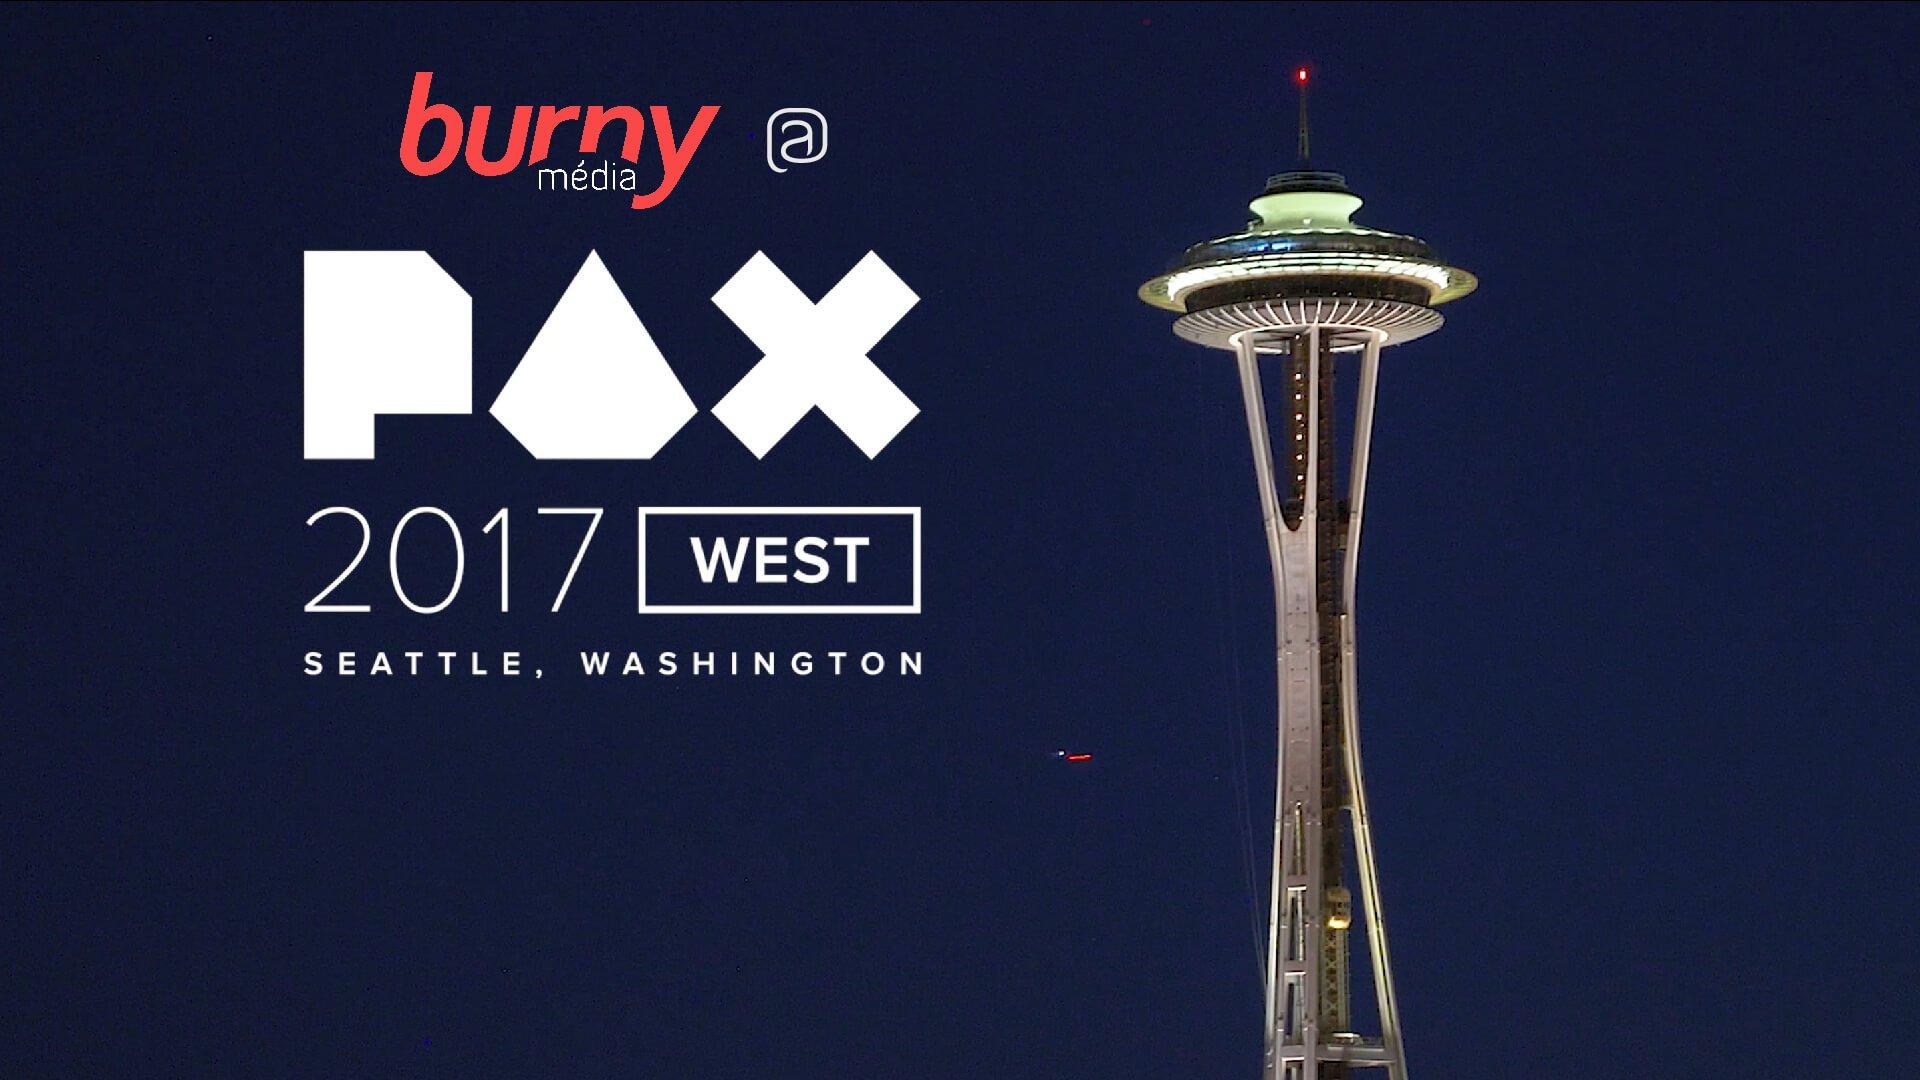 Burny média @ PAX West 2017